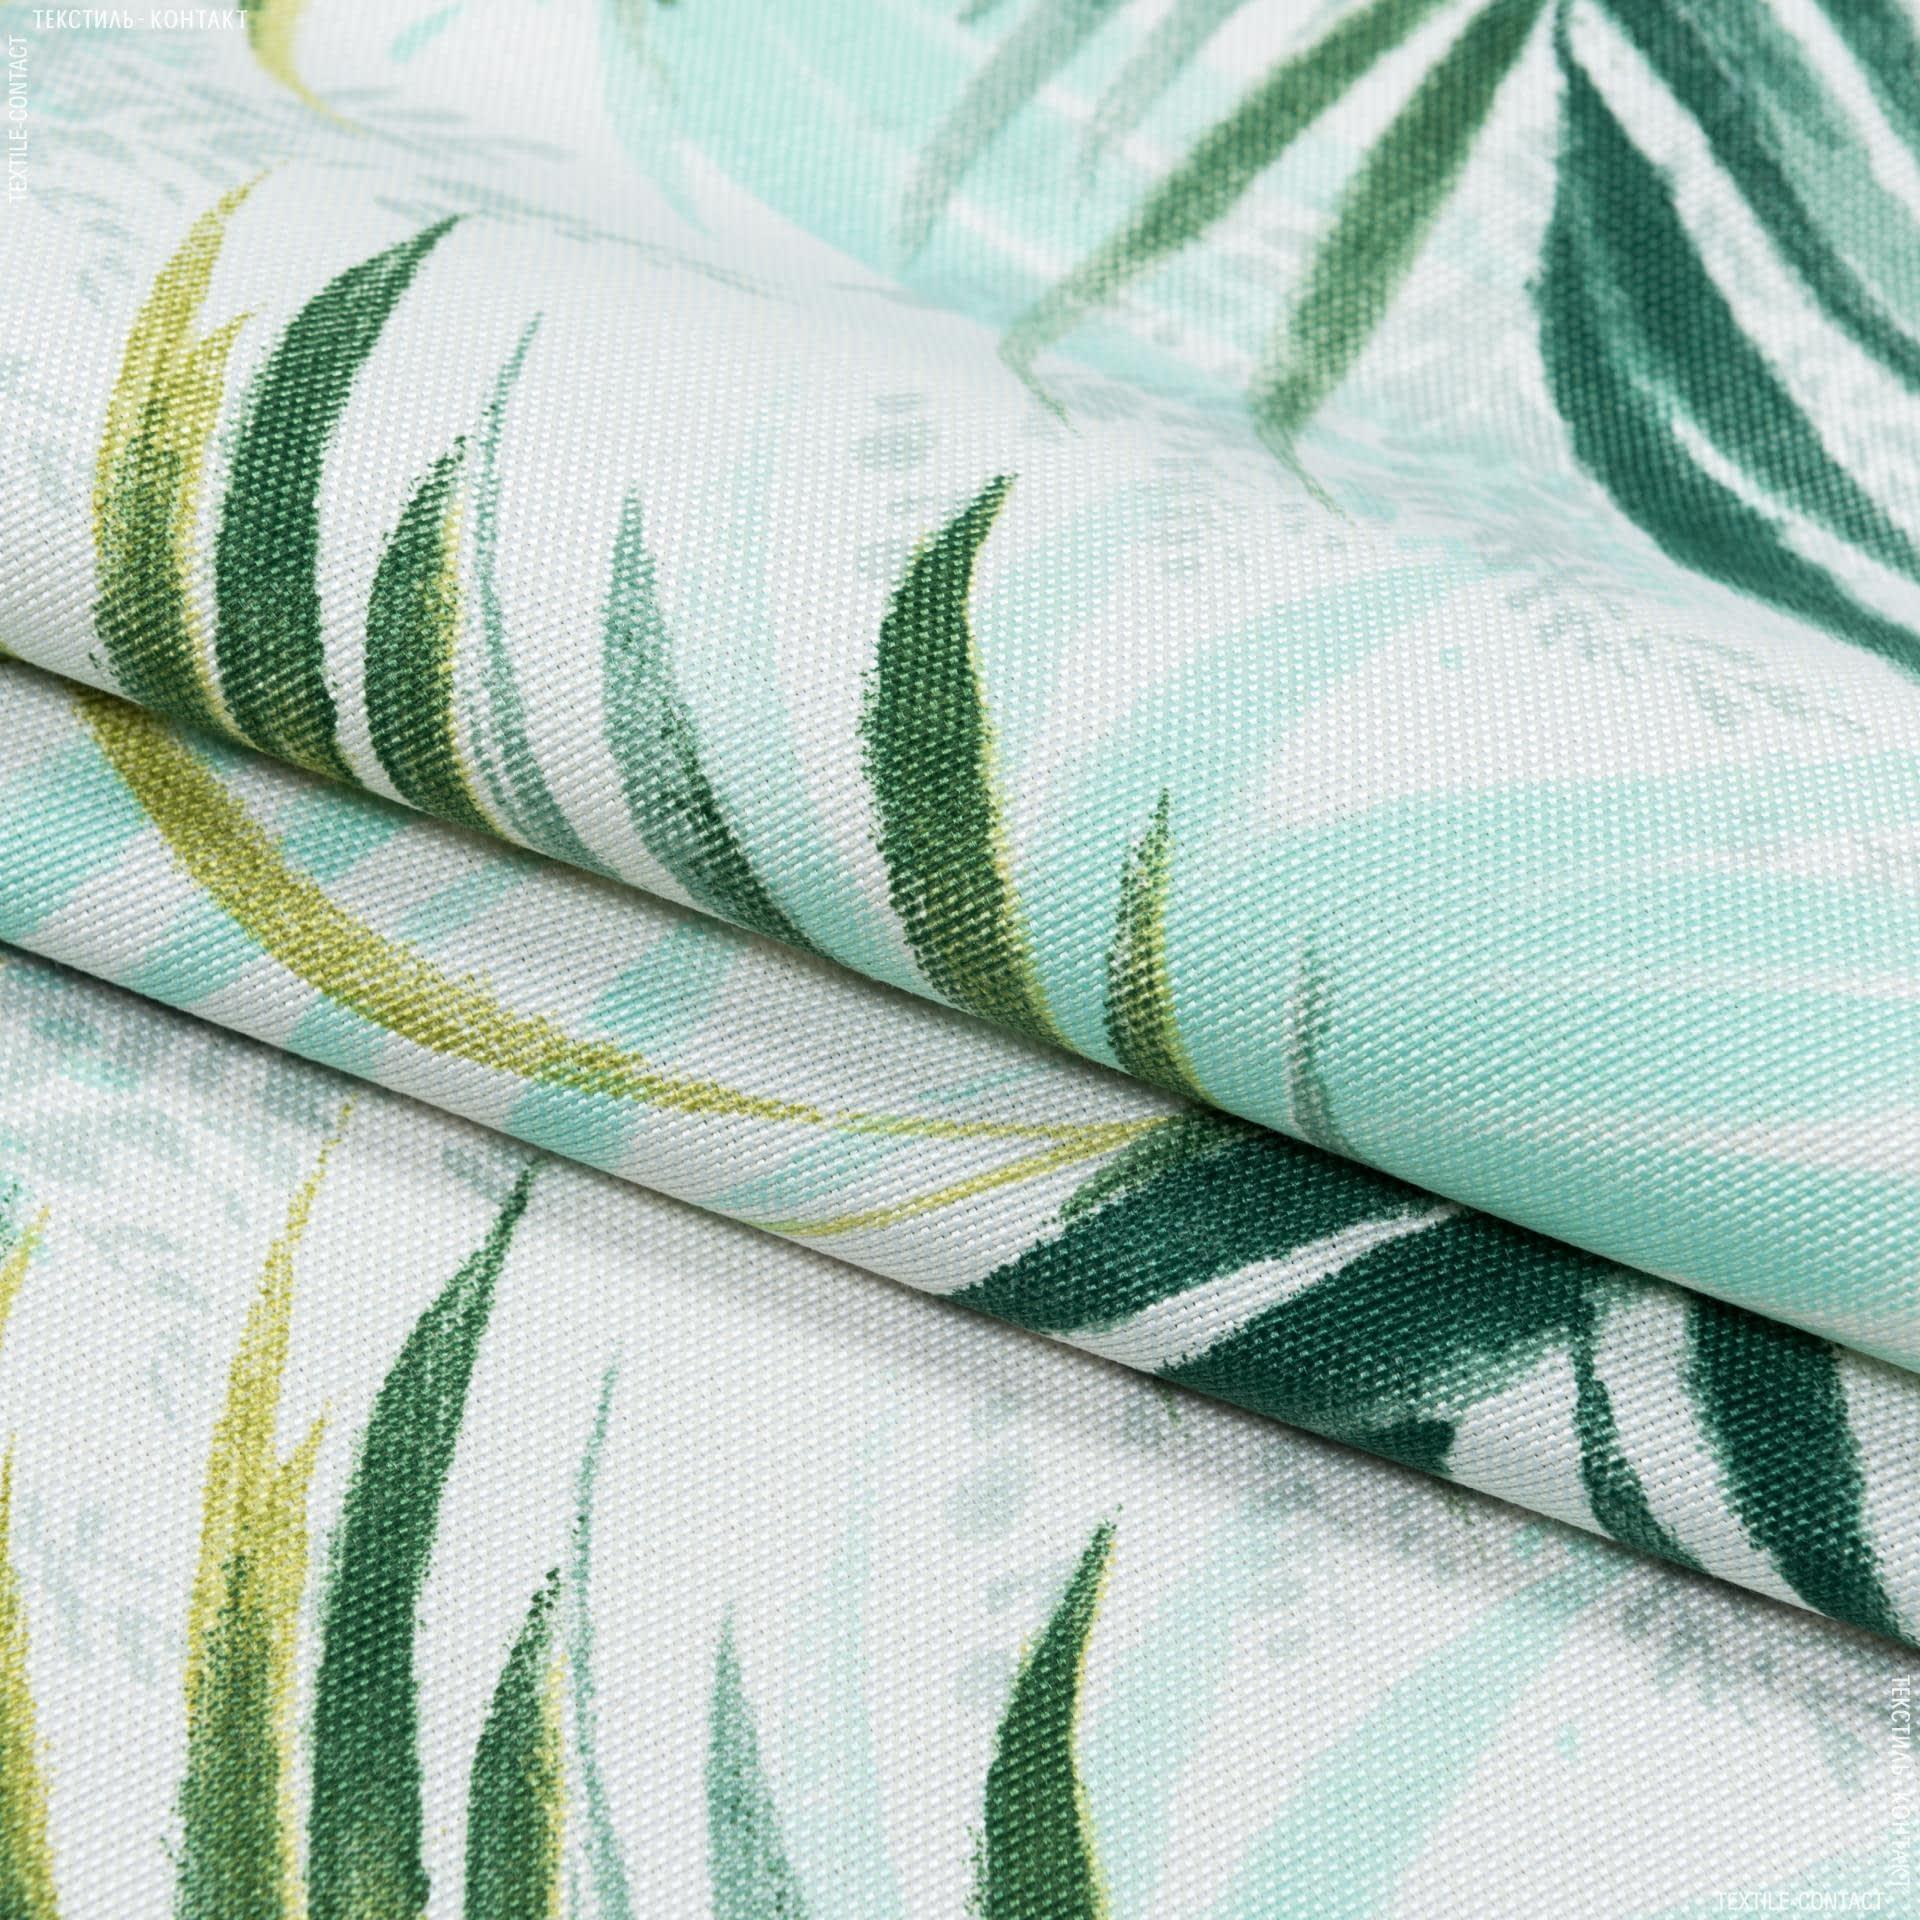 Ткани портьерные ткани - Декоративная ткань  macapa листья т.зеленый  фисташка